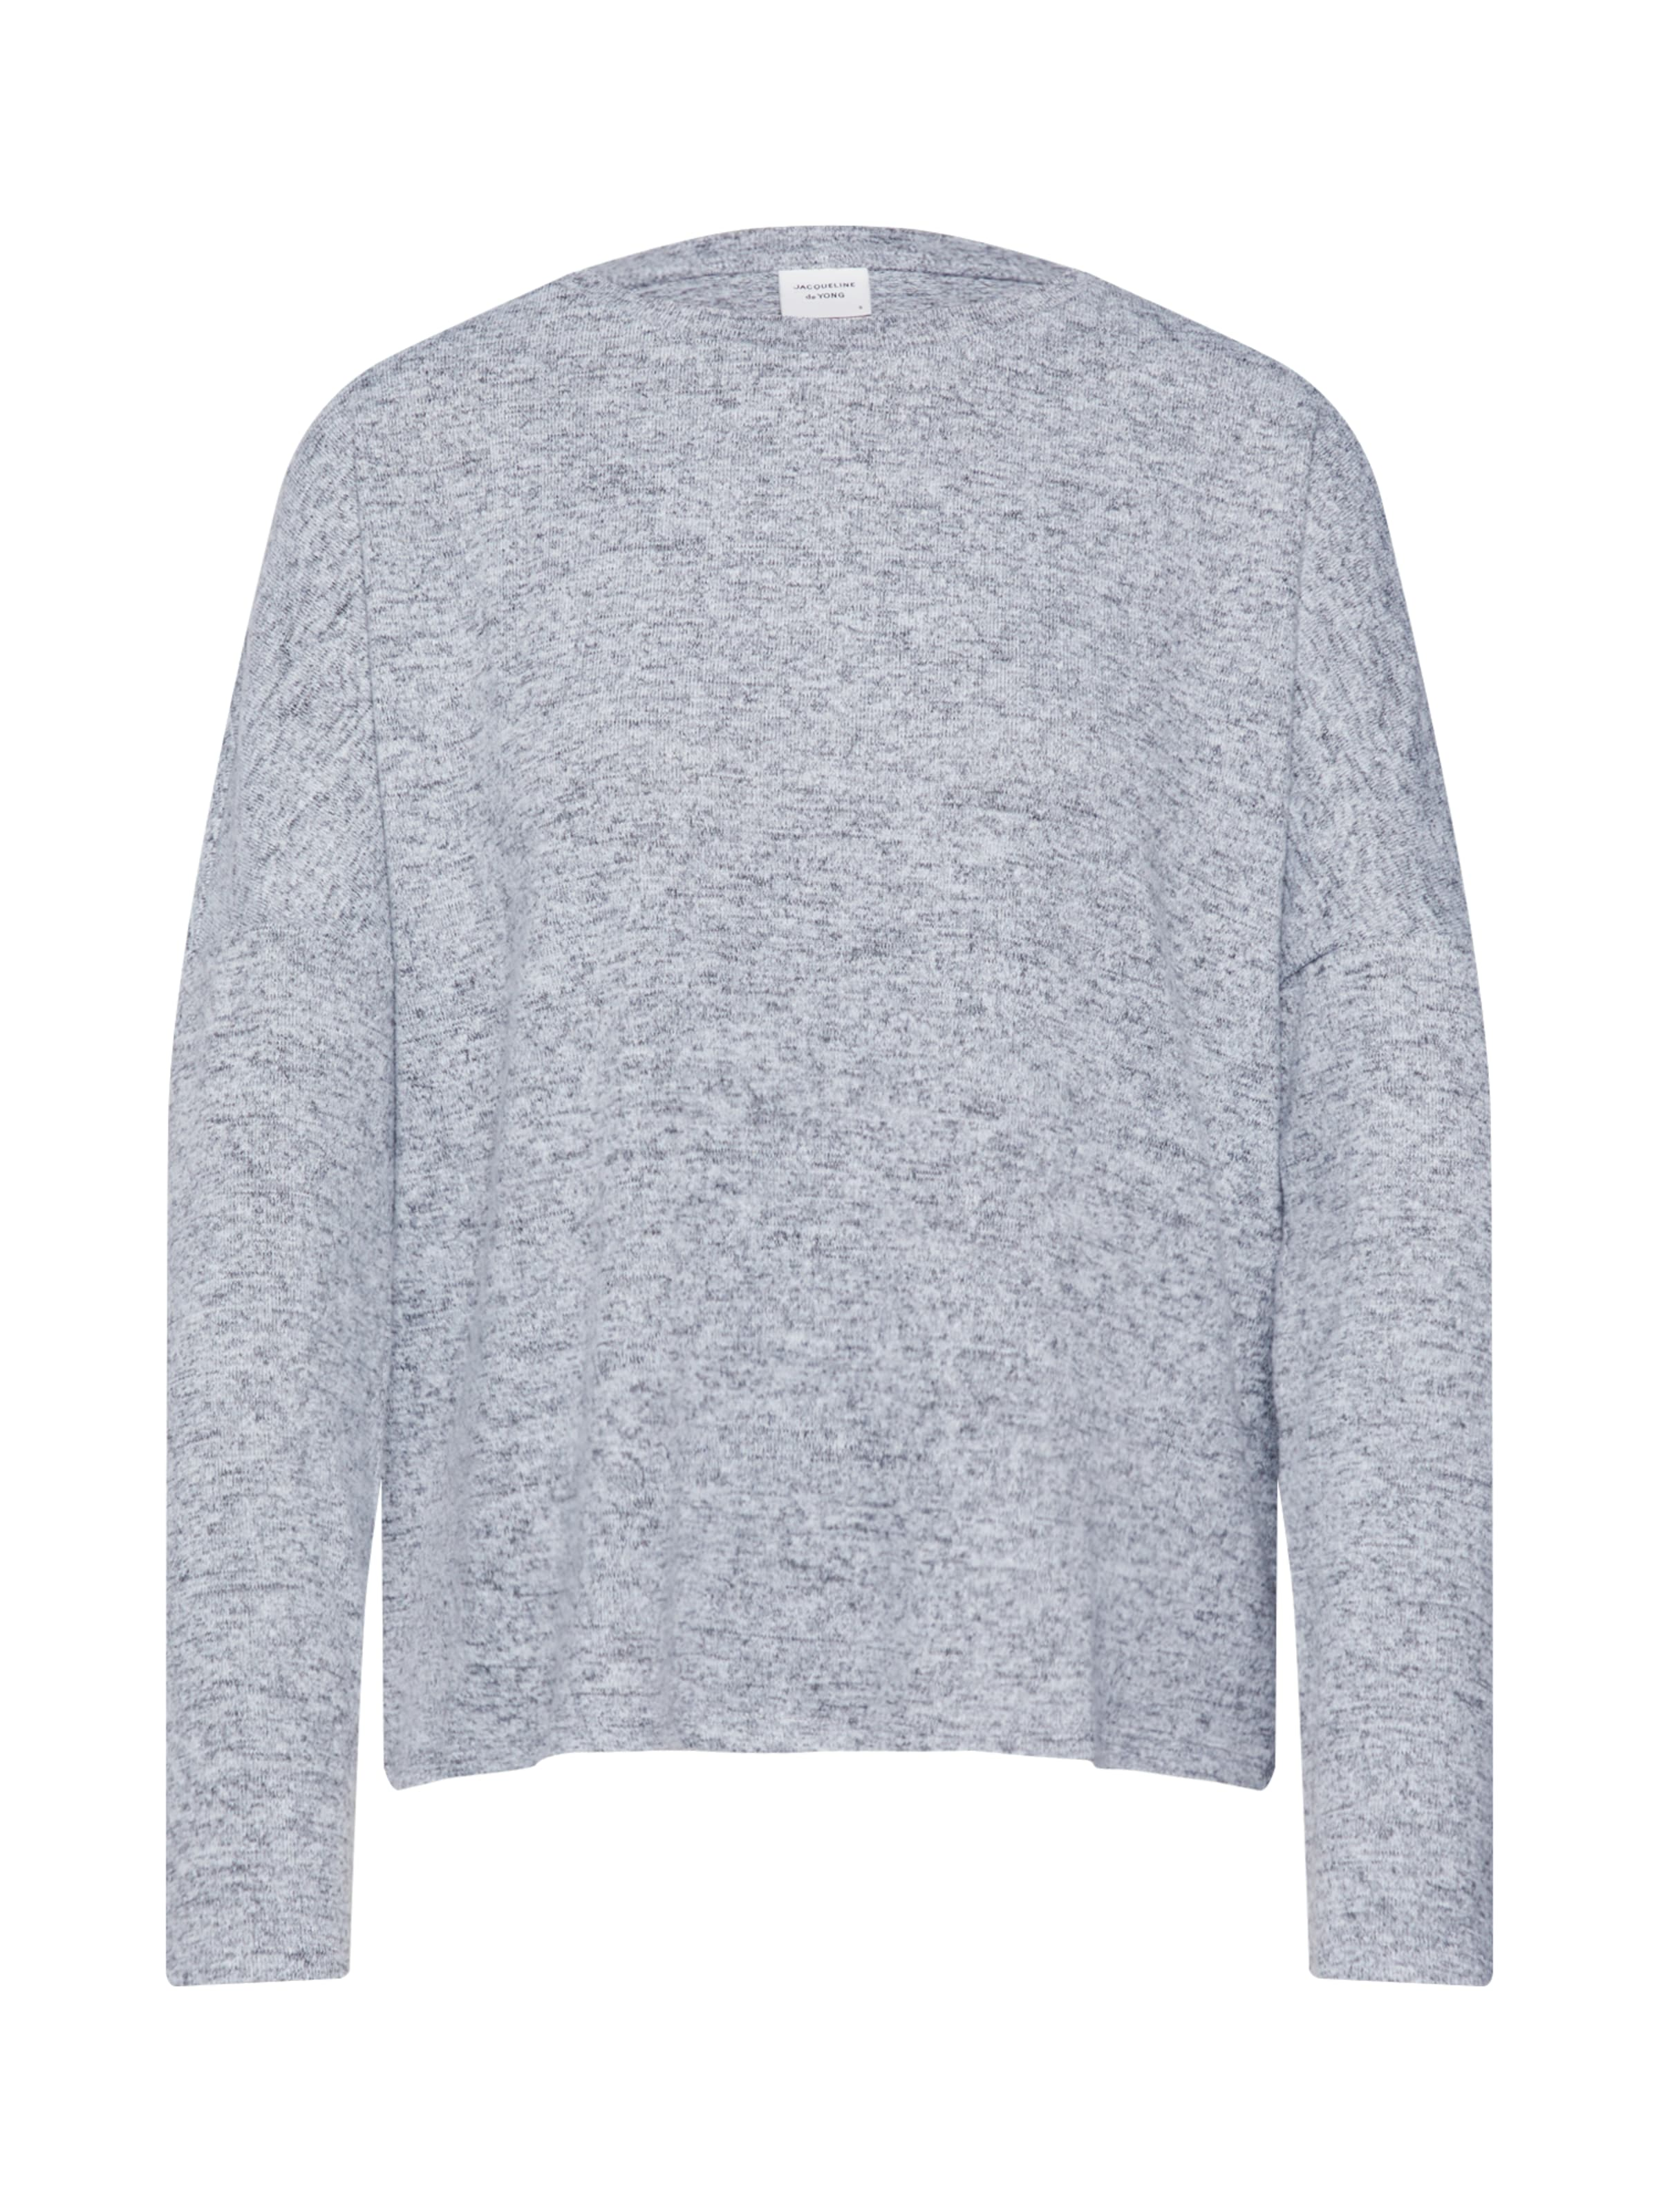 T Gris Jacqueline ClairChiné shirt Treats' De En Oversize Yong 'asta J3TlFcK15u